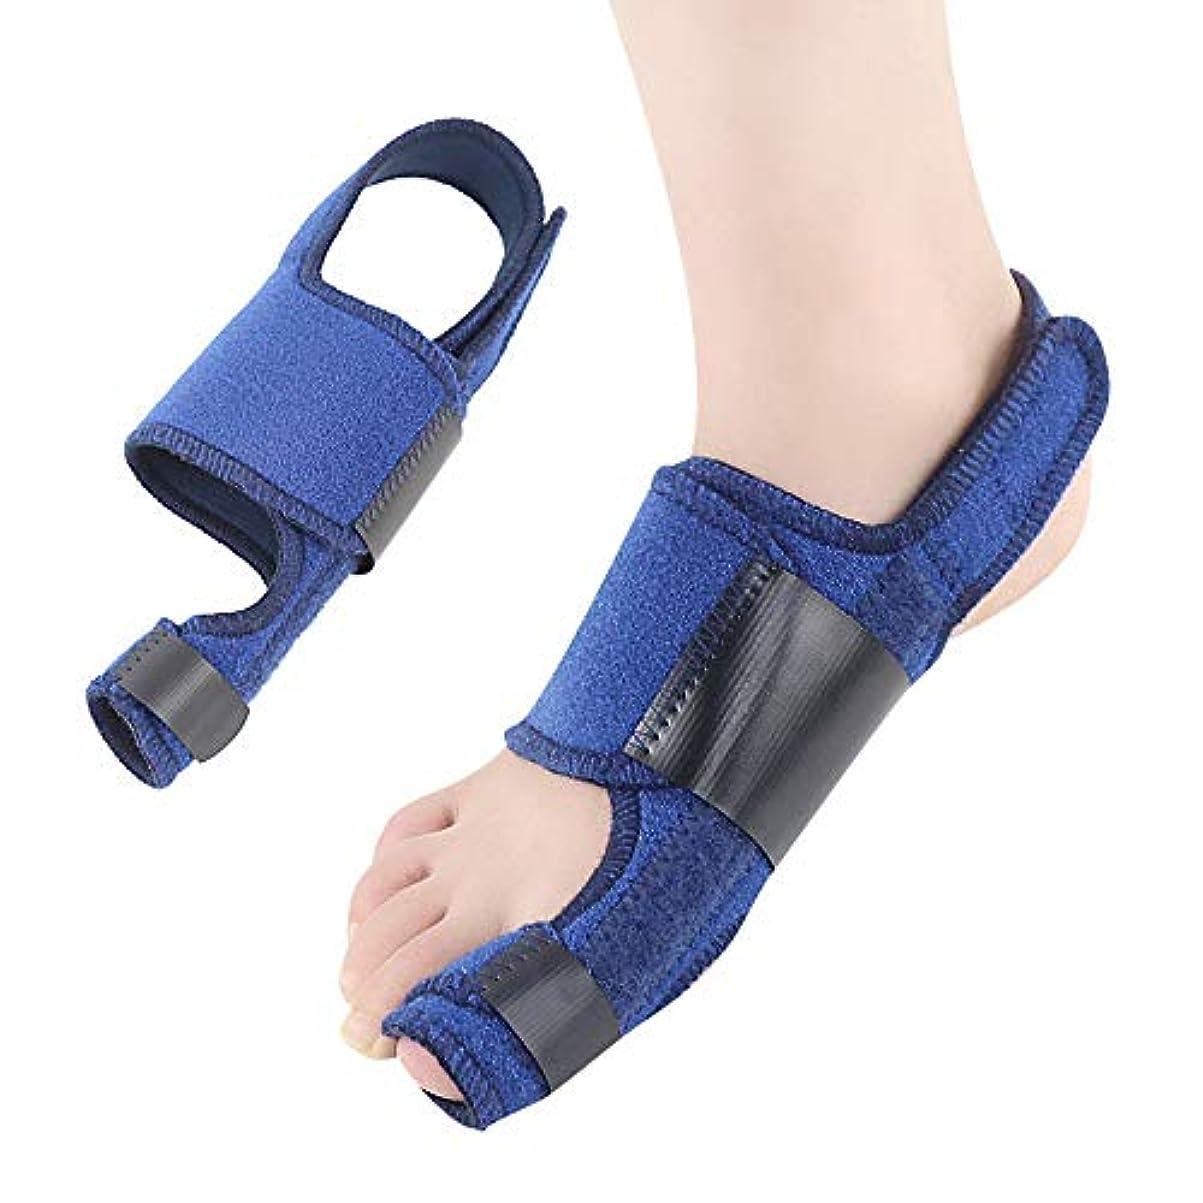 一般化するトン共感する外反母趾足指セパレーターは足指重複嚢胞通気性吸収汗ワンサイズを防止し、ヨガ後の痛みと変形を軽減